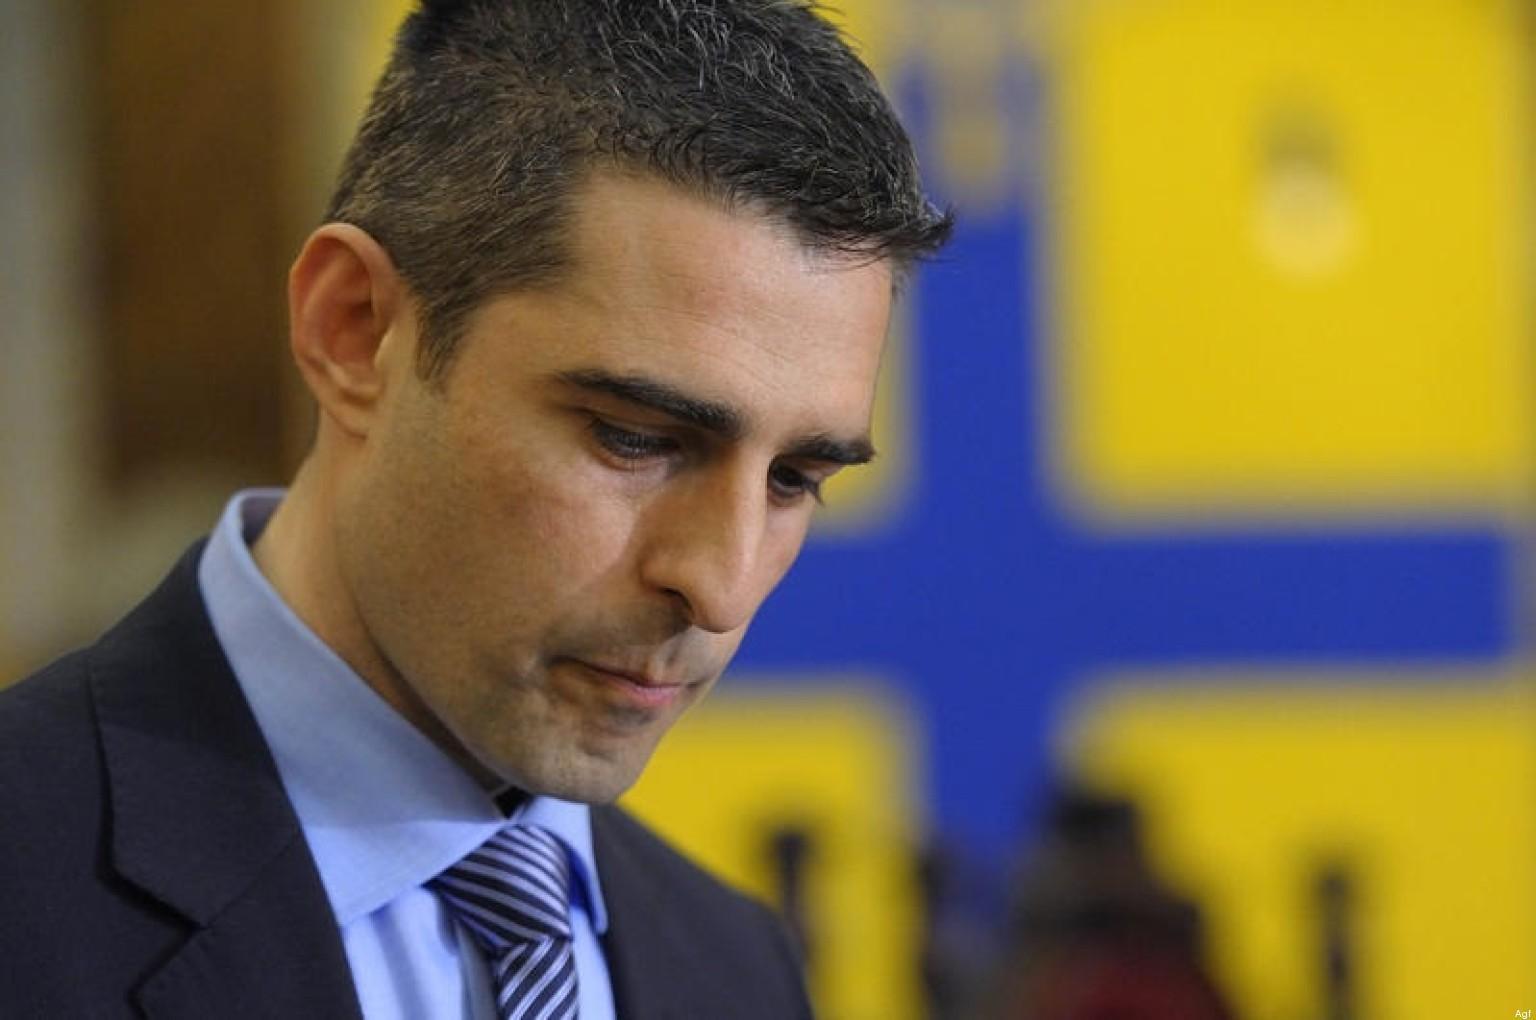 14/06/2012, Parma, Insediamento del nuovo sindaco Federico Pizzarotti